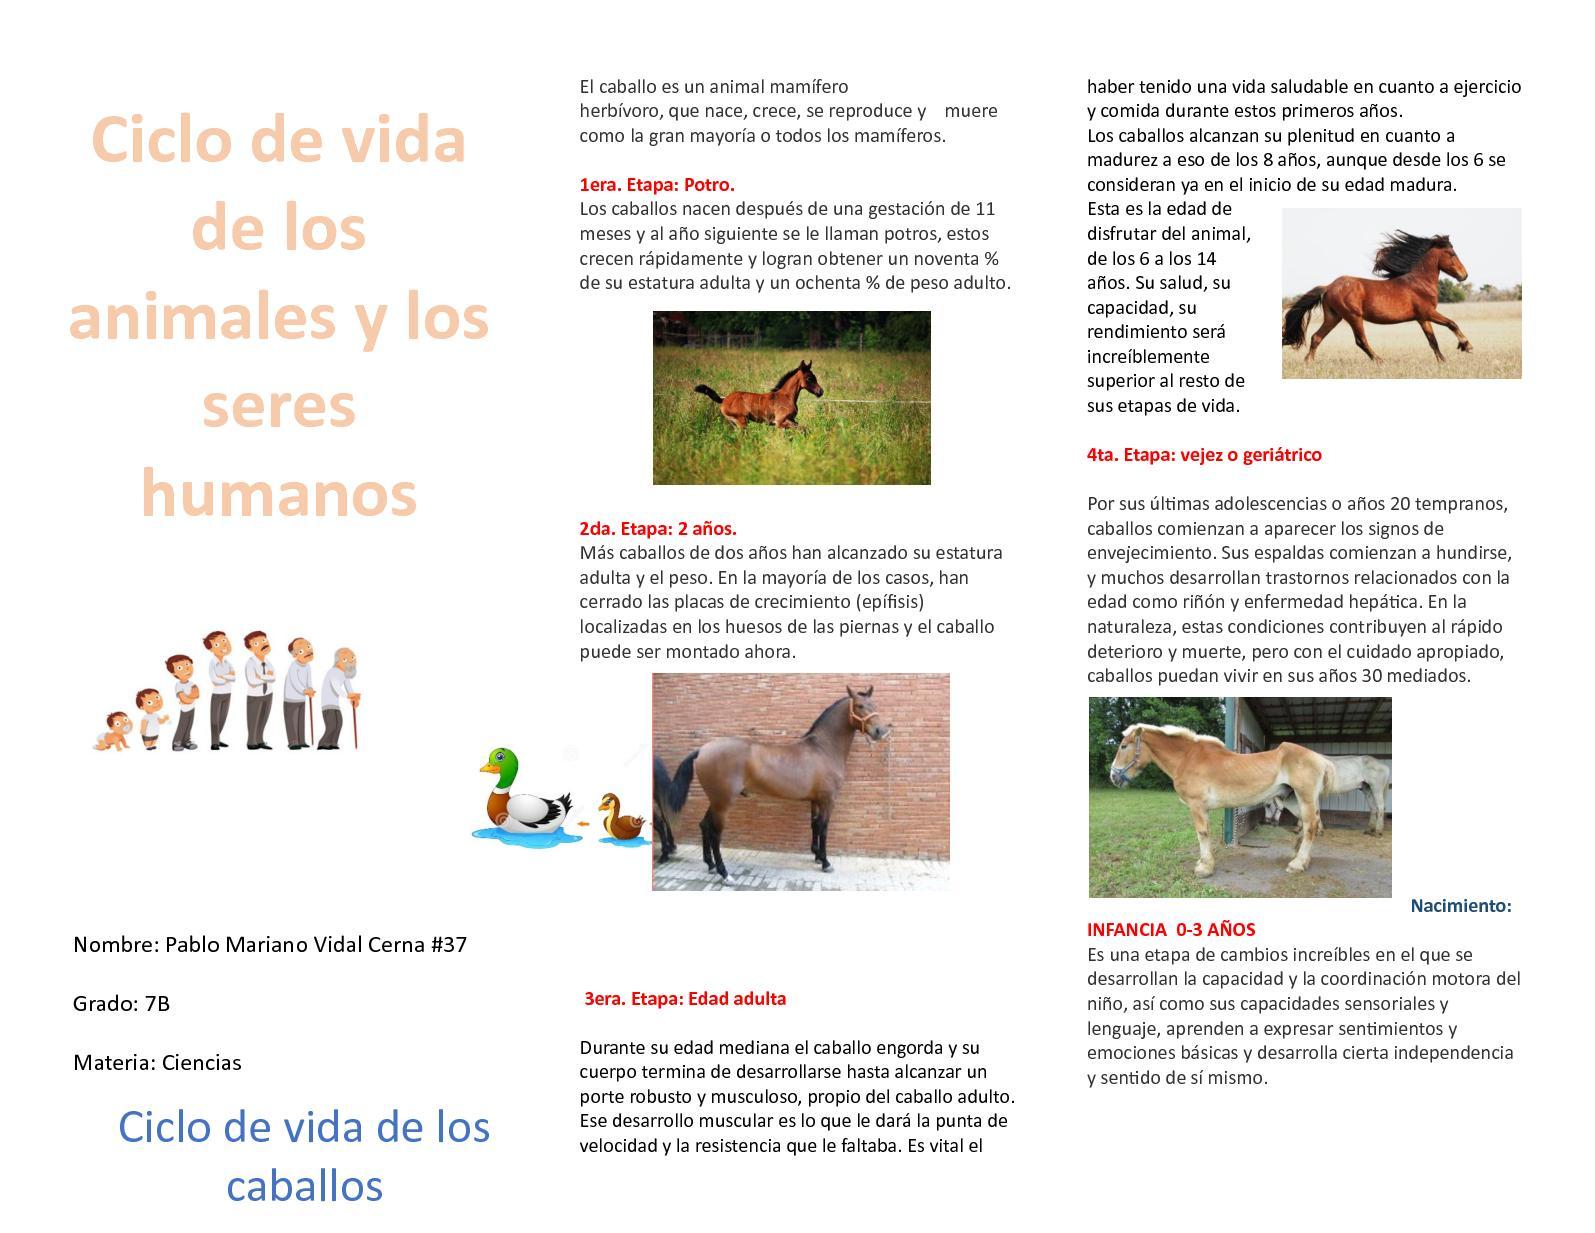 Calaméo - Ciclo De Vida De Los Animales Y Los Seres Humanos